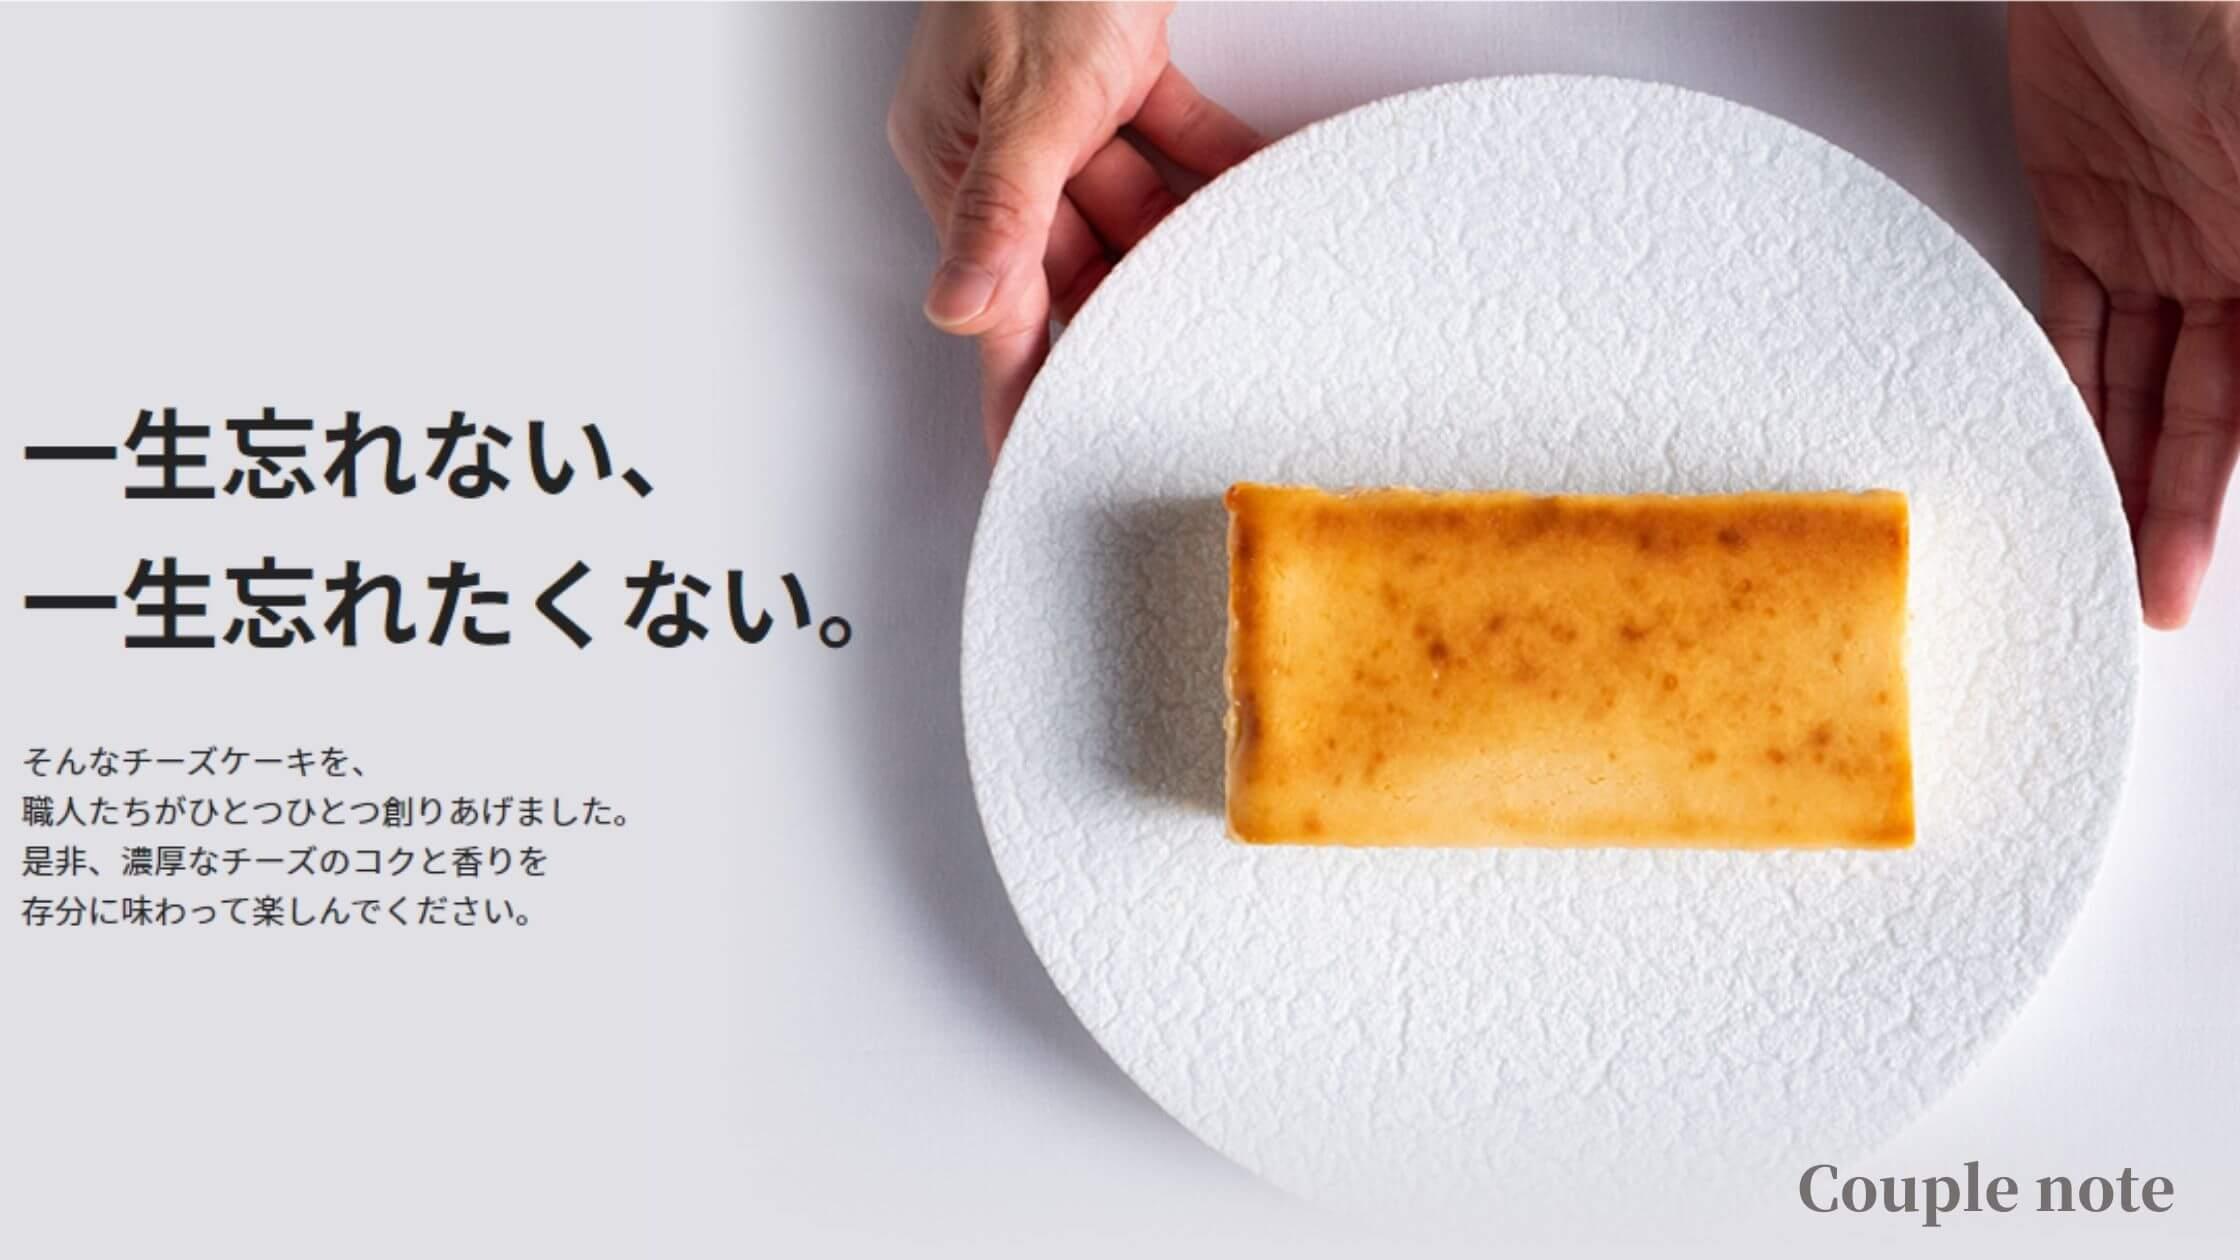 【口コミ】長谷川稔チーズケーキはまずい?美味しい?『Cheeesecake HOLIC』